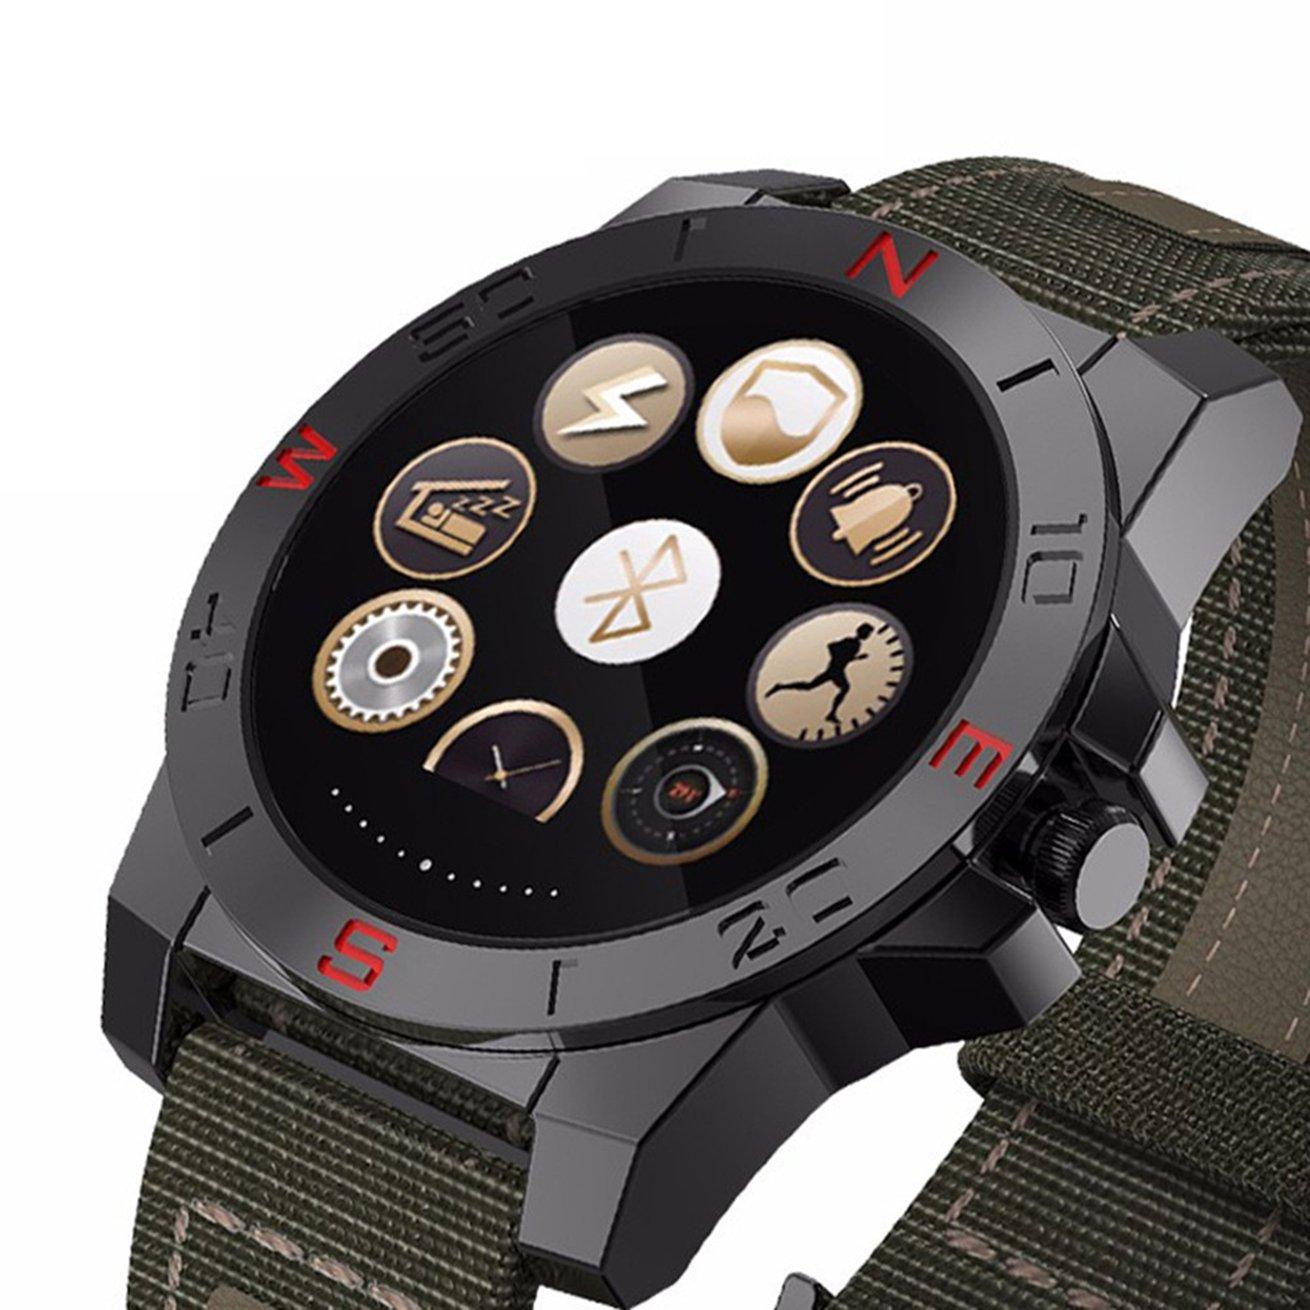 ... reloj de pulsera de color rosa para niño, diseño único de Bluetooth, altavoz inalámbrico Bluetooth SmartWatch Reloj Inteligente Reloj GT08 Tracker ...